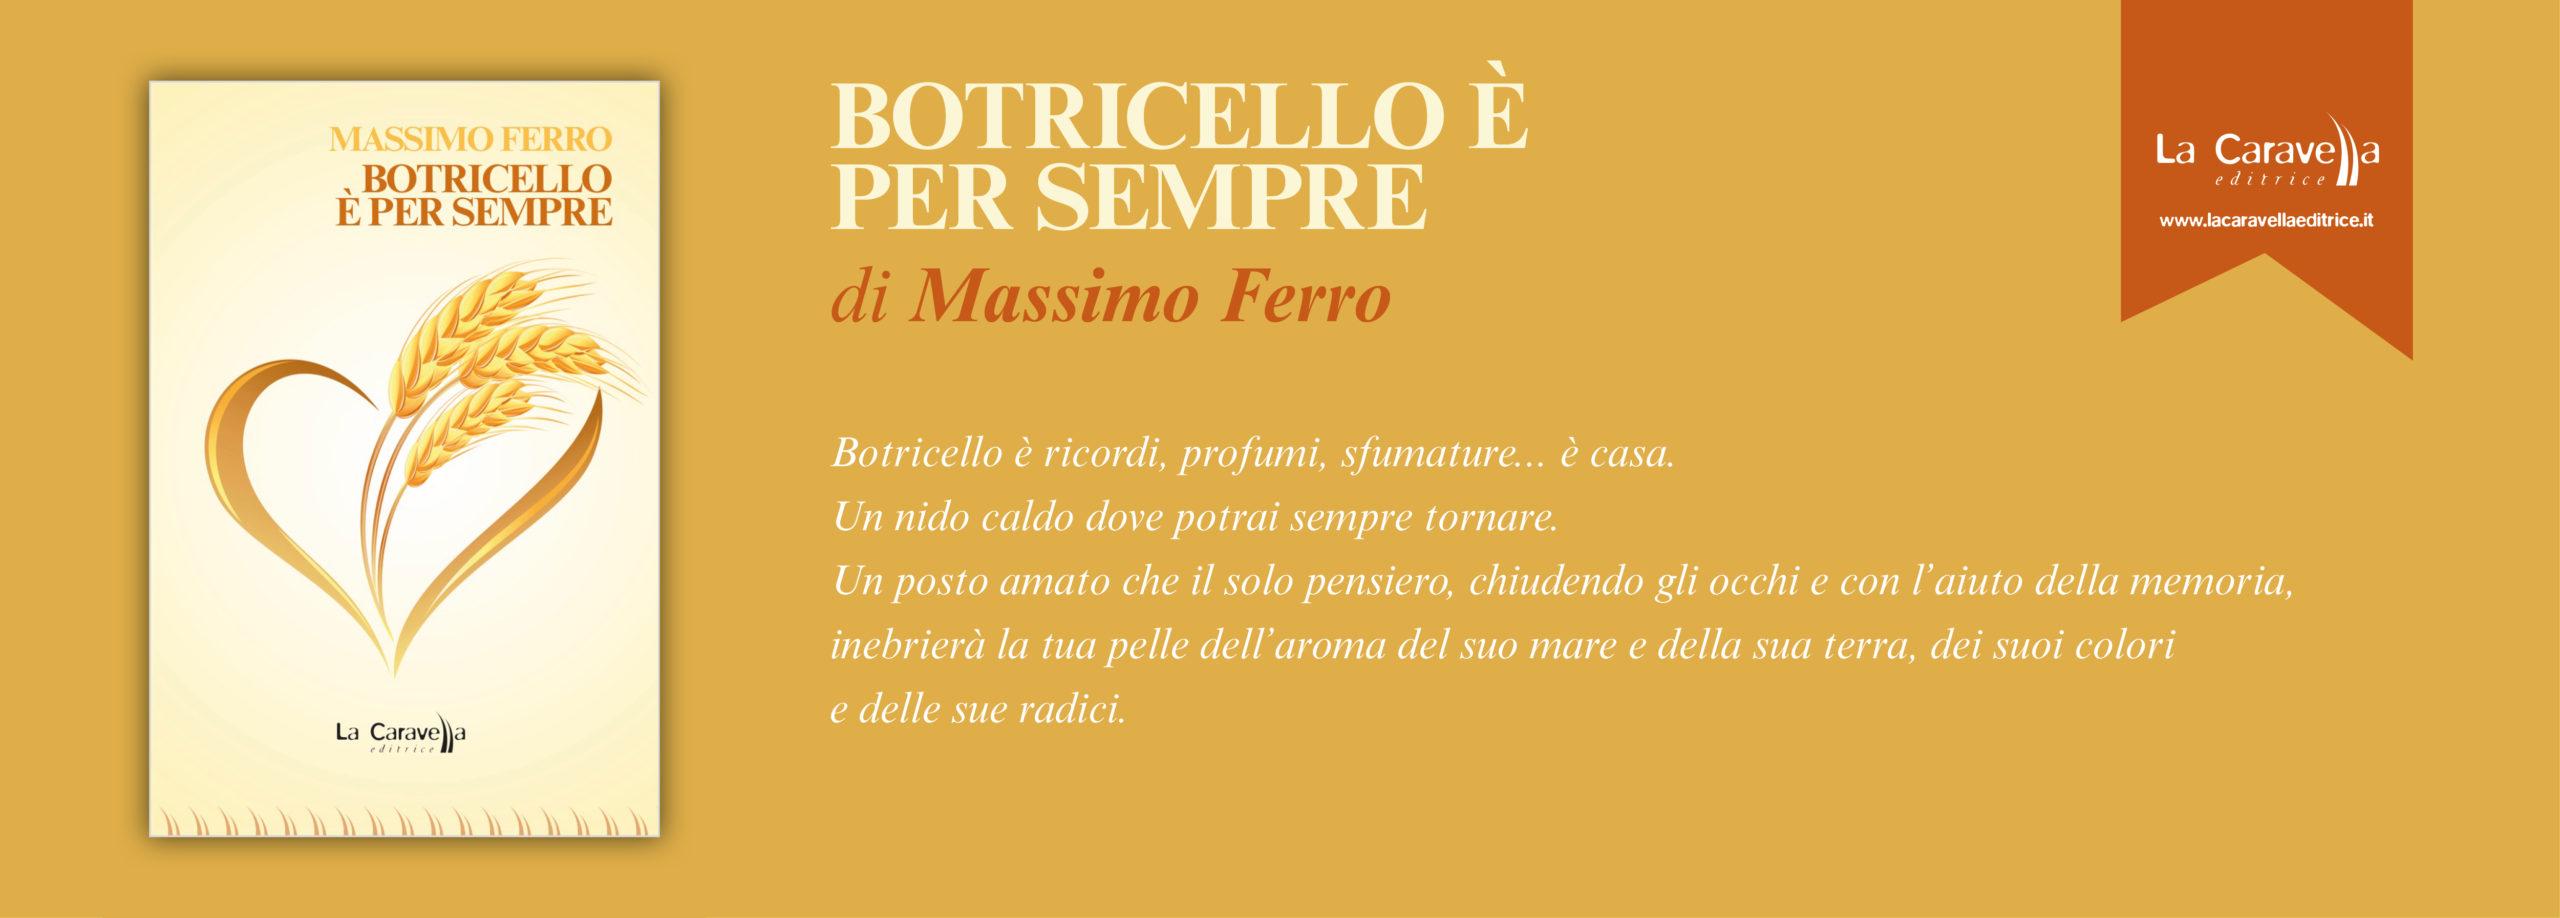 NUOVE USCITE: BOTRICELLO È PER SEMPRE di Massimo Ferro